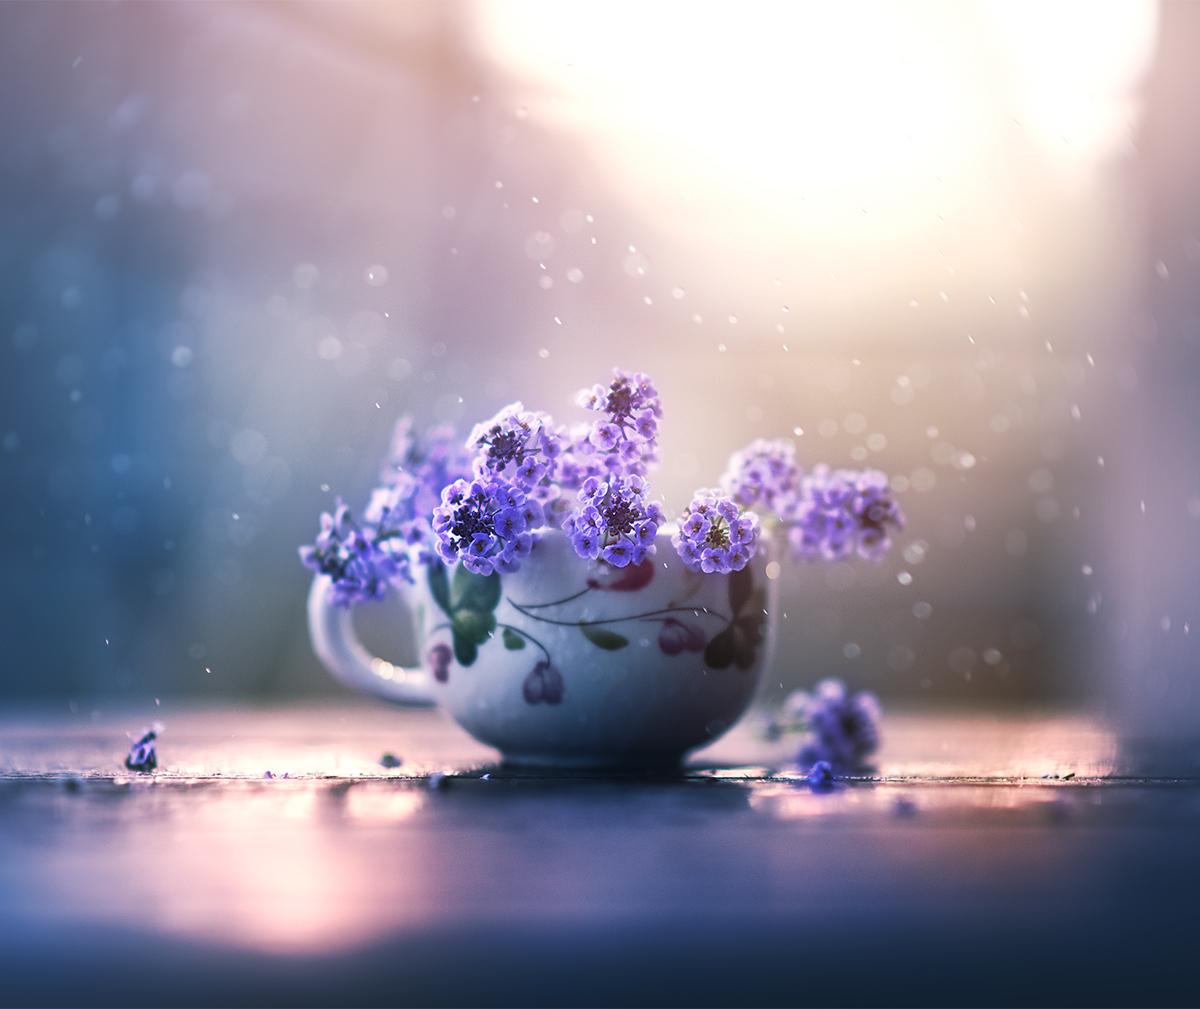 Цветочная история / фото Ashraful Arefin